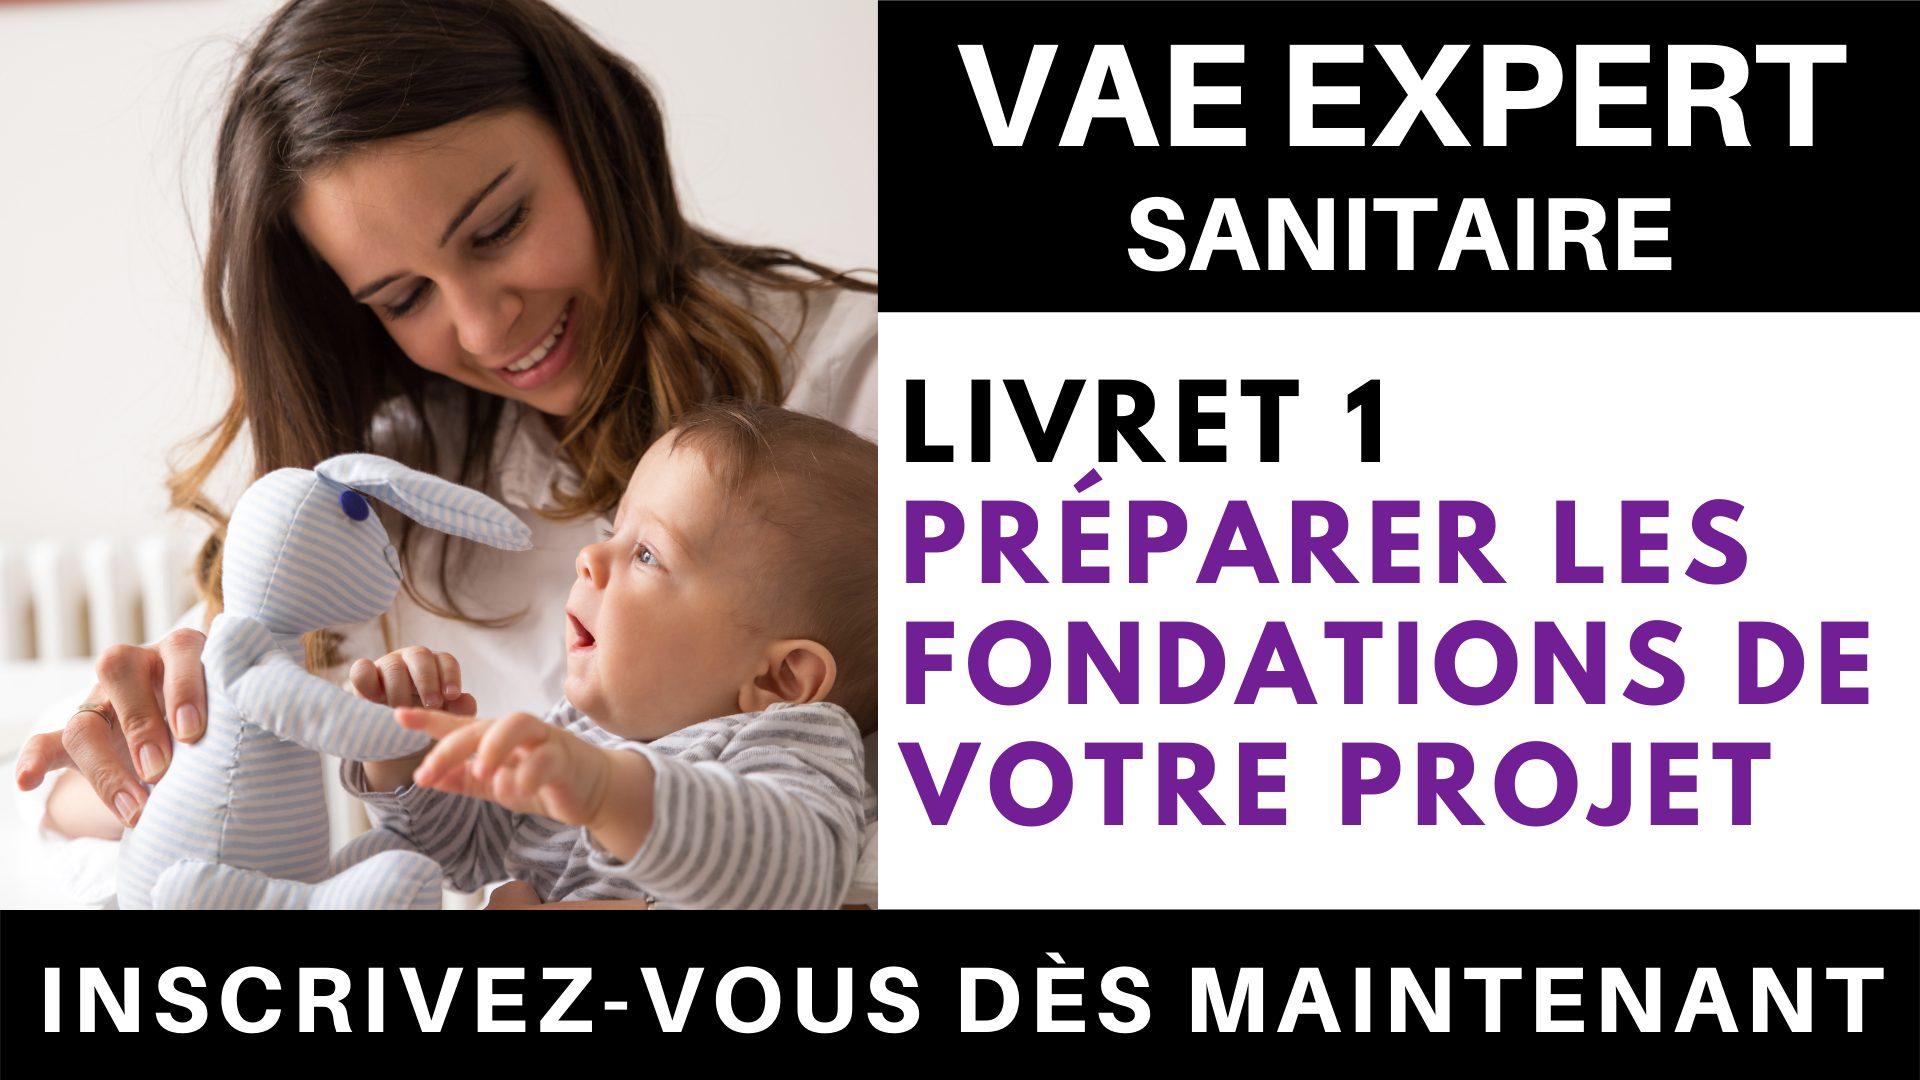 VAE LIVRET 1 SANITAIRE - préparer les fondations de votre projet